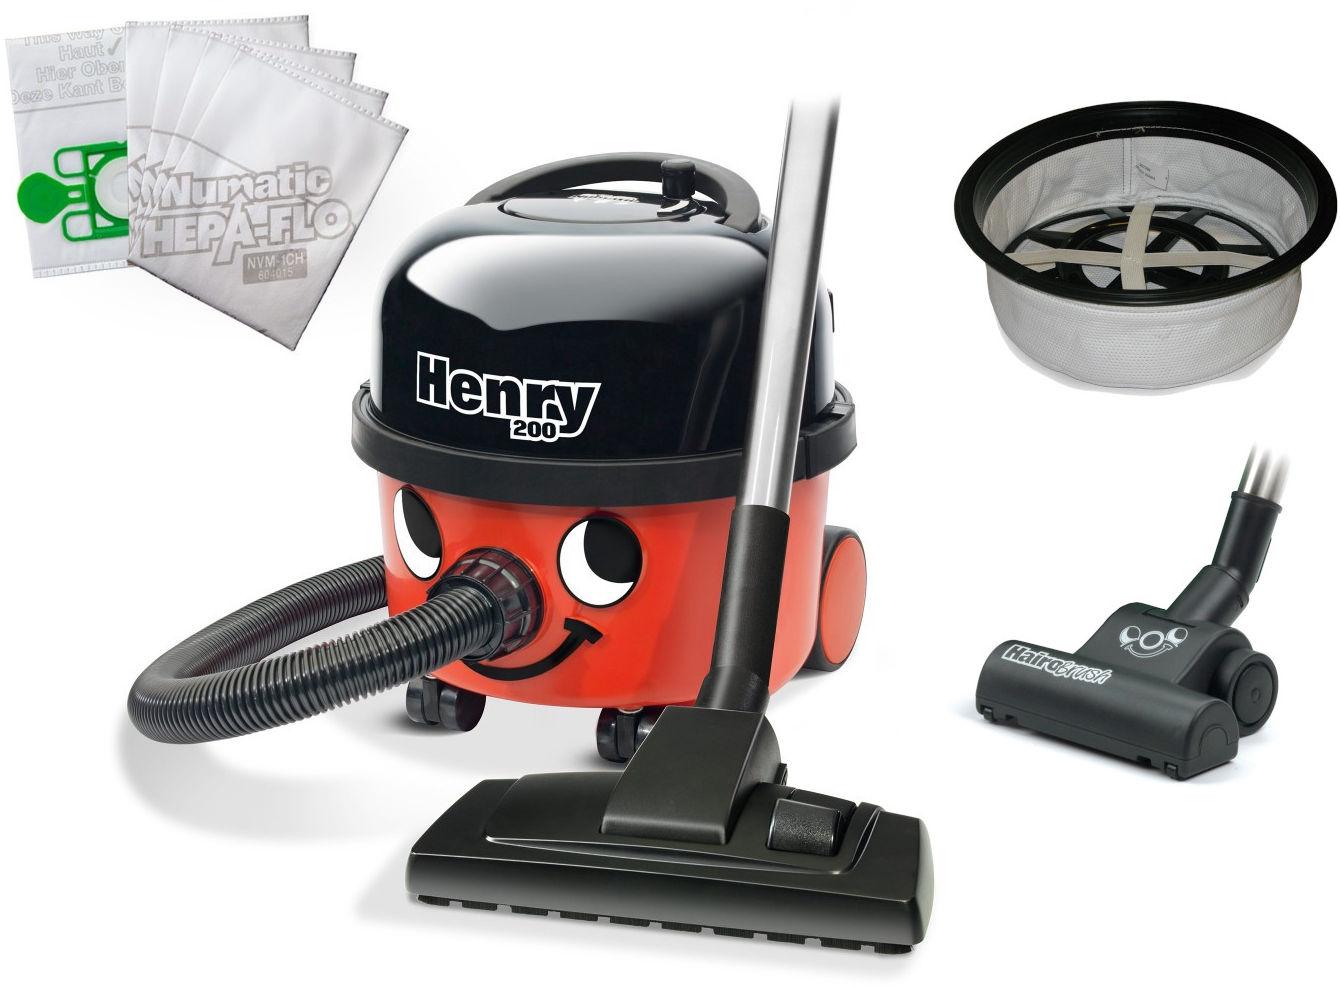 Odkurzacz Numatic HVR200 Henry + filtr pochłaniający zapachy MicroFresh + turboszczotka HairoBrush 19 cm